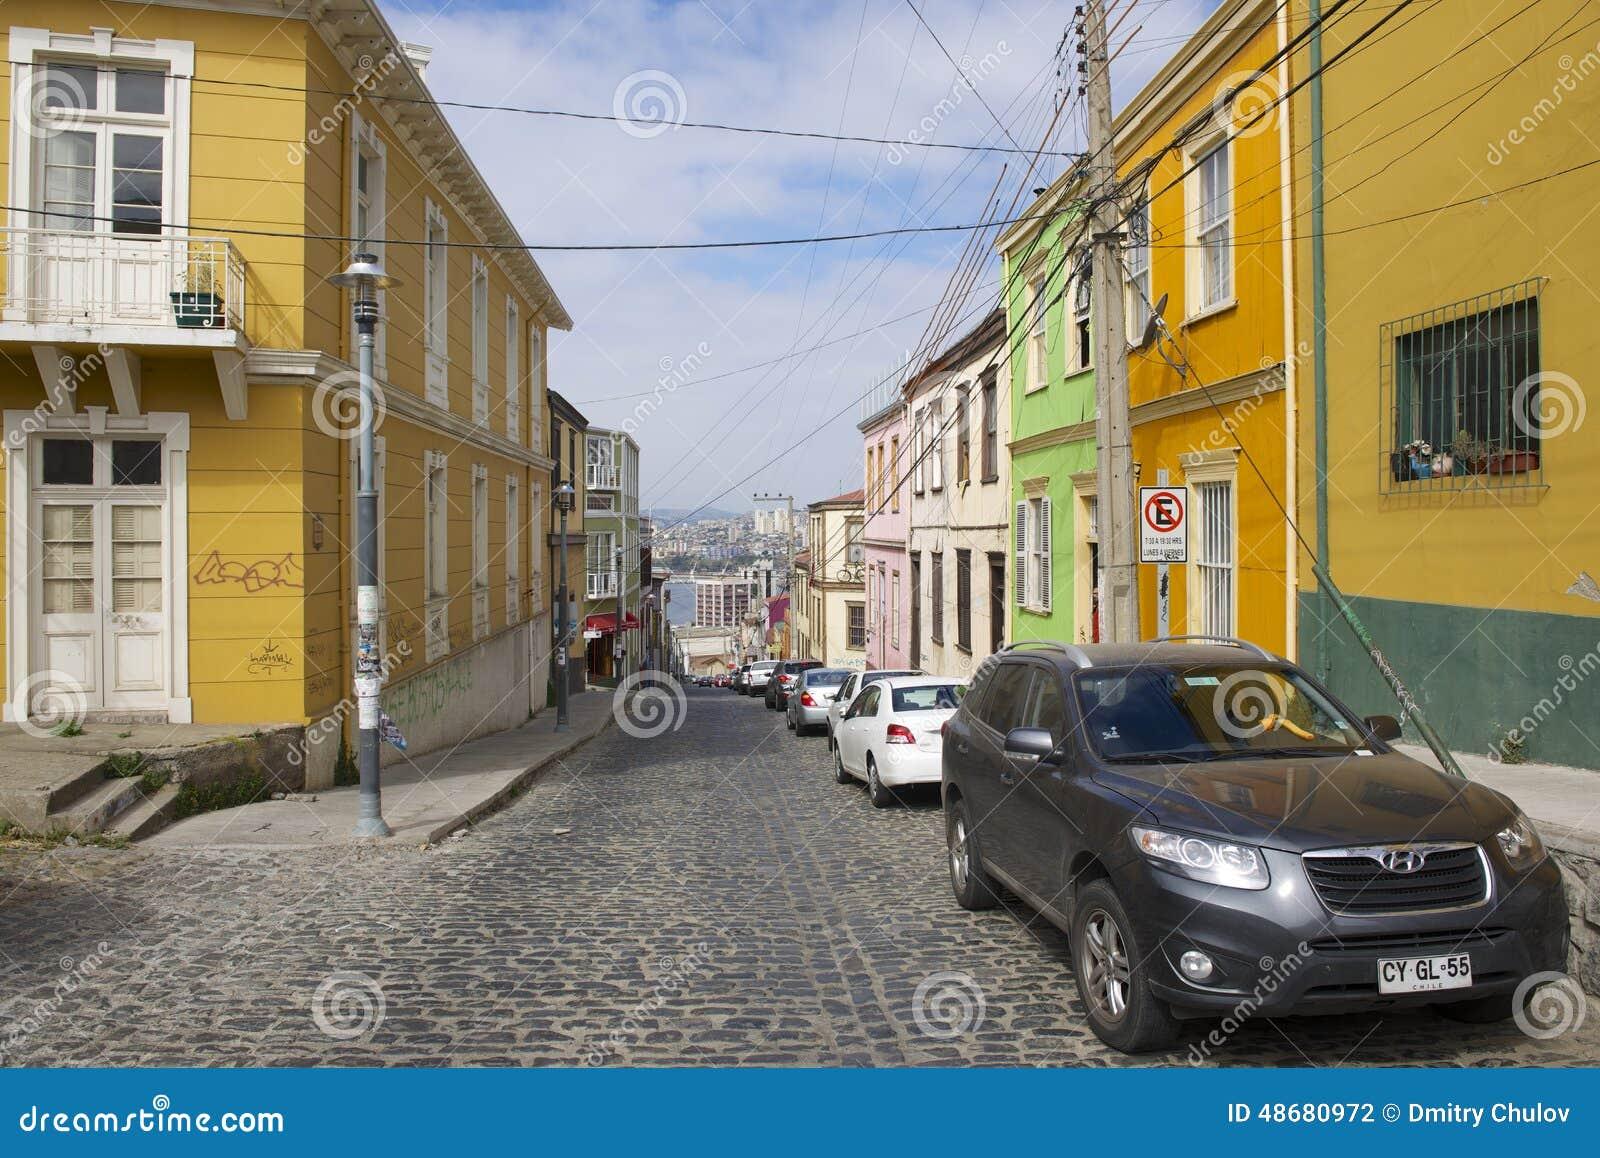 Edificio colorido en la parte histórica de Valparaiso, Chile